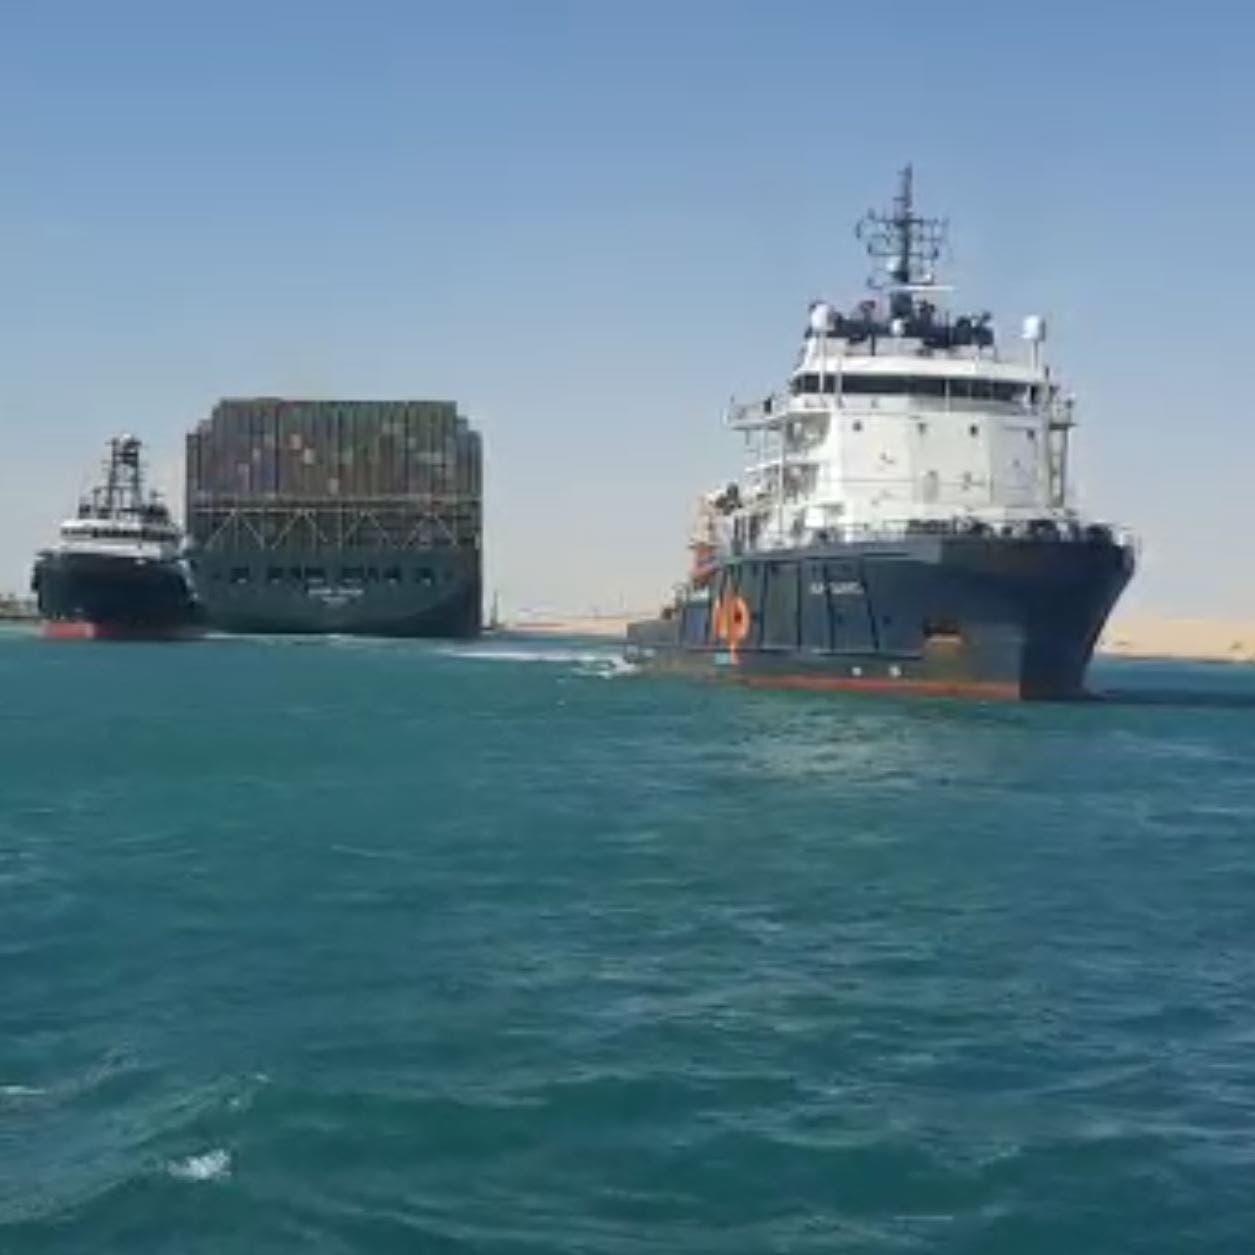 مصر.. التحقيقات بشأن سفينة قناة السويس الجانحة تبدأ اليوم